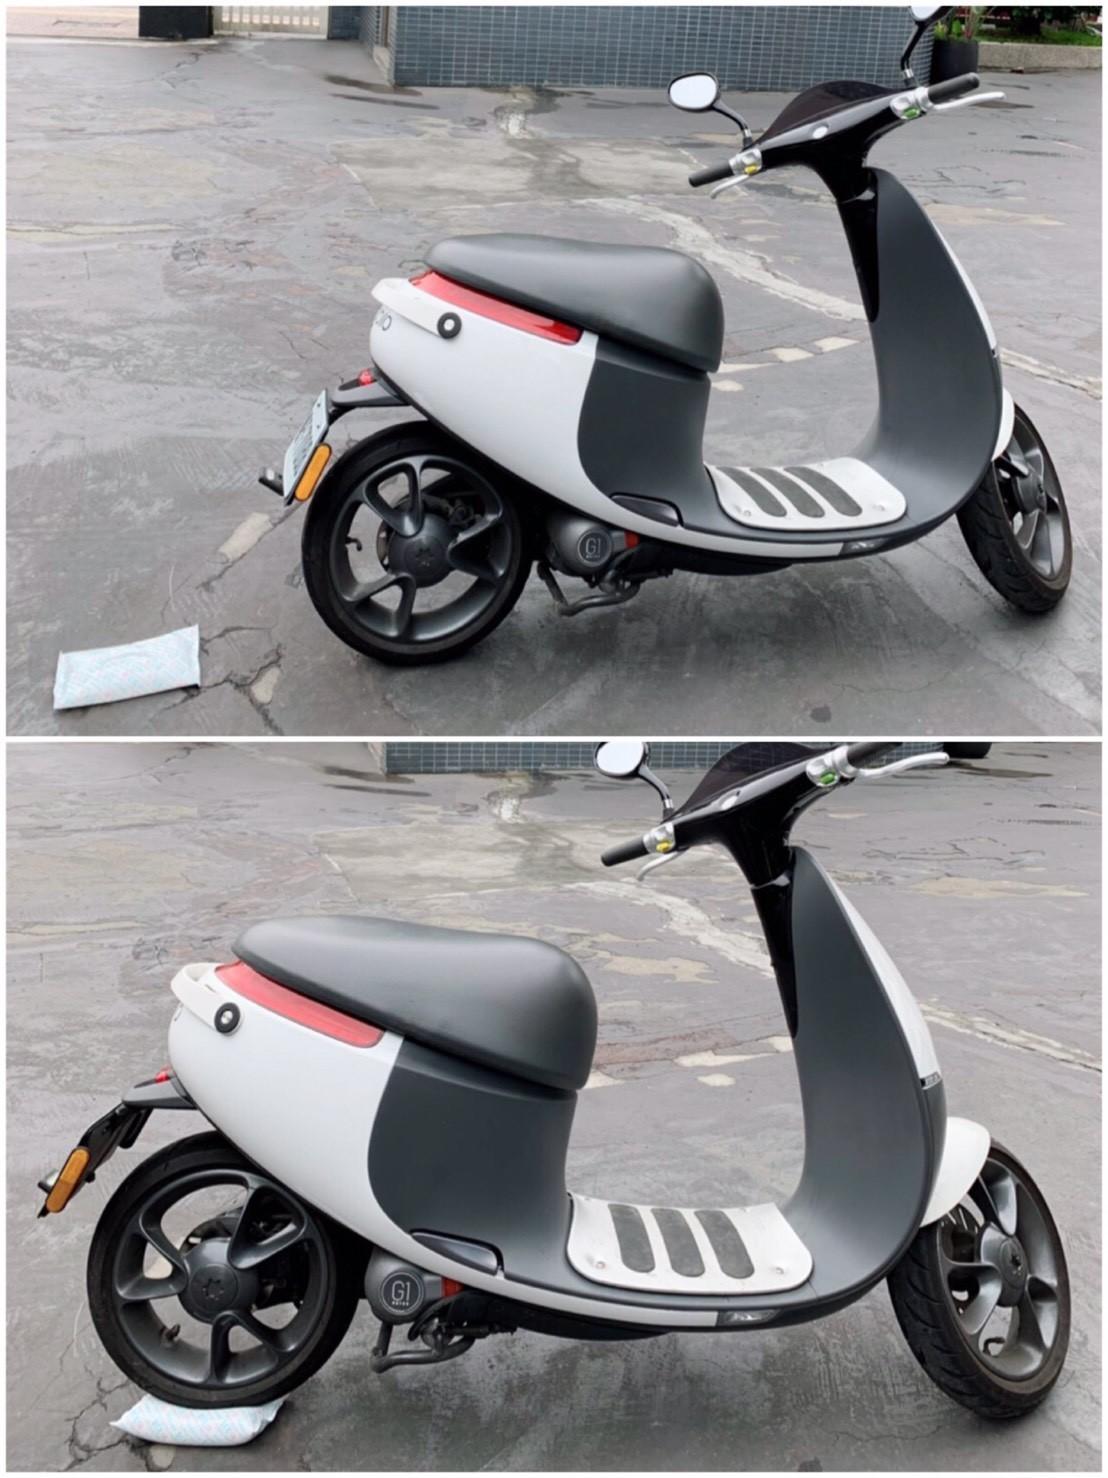 軟式保冷劑壓力測試-gogoro機車